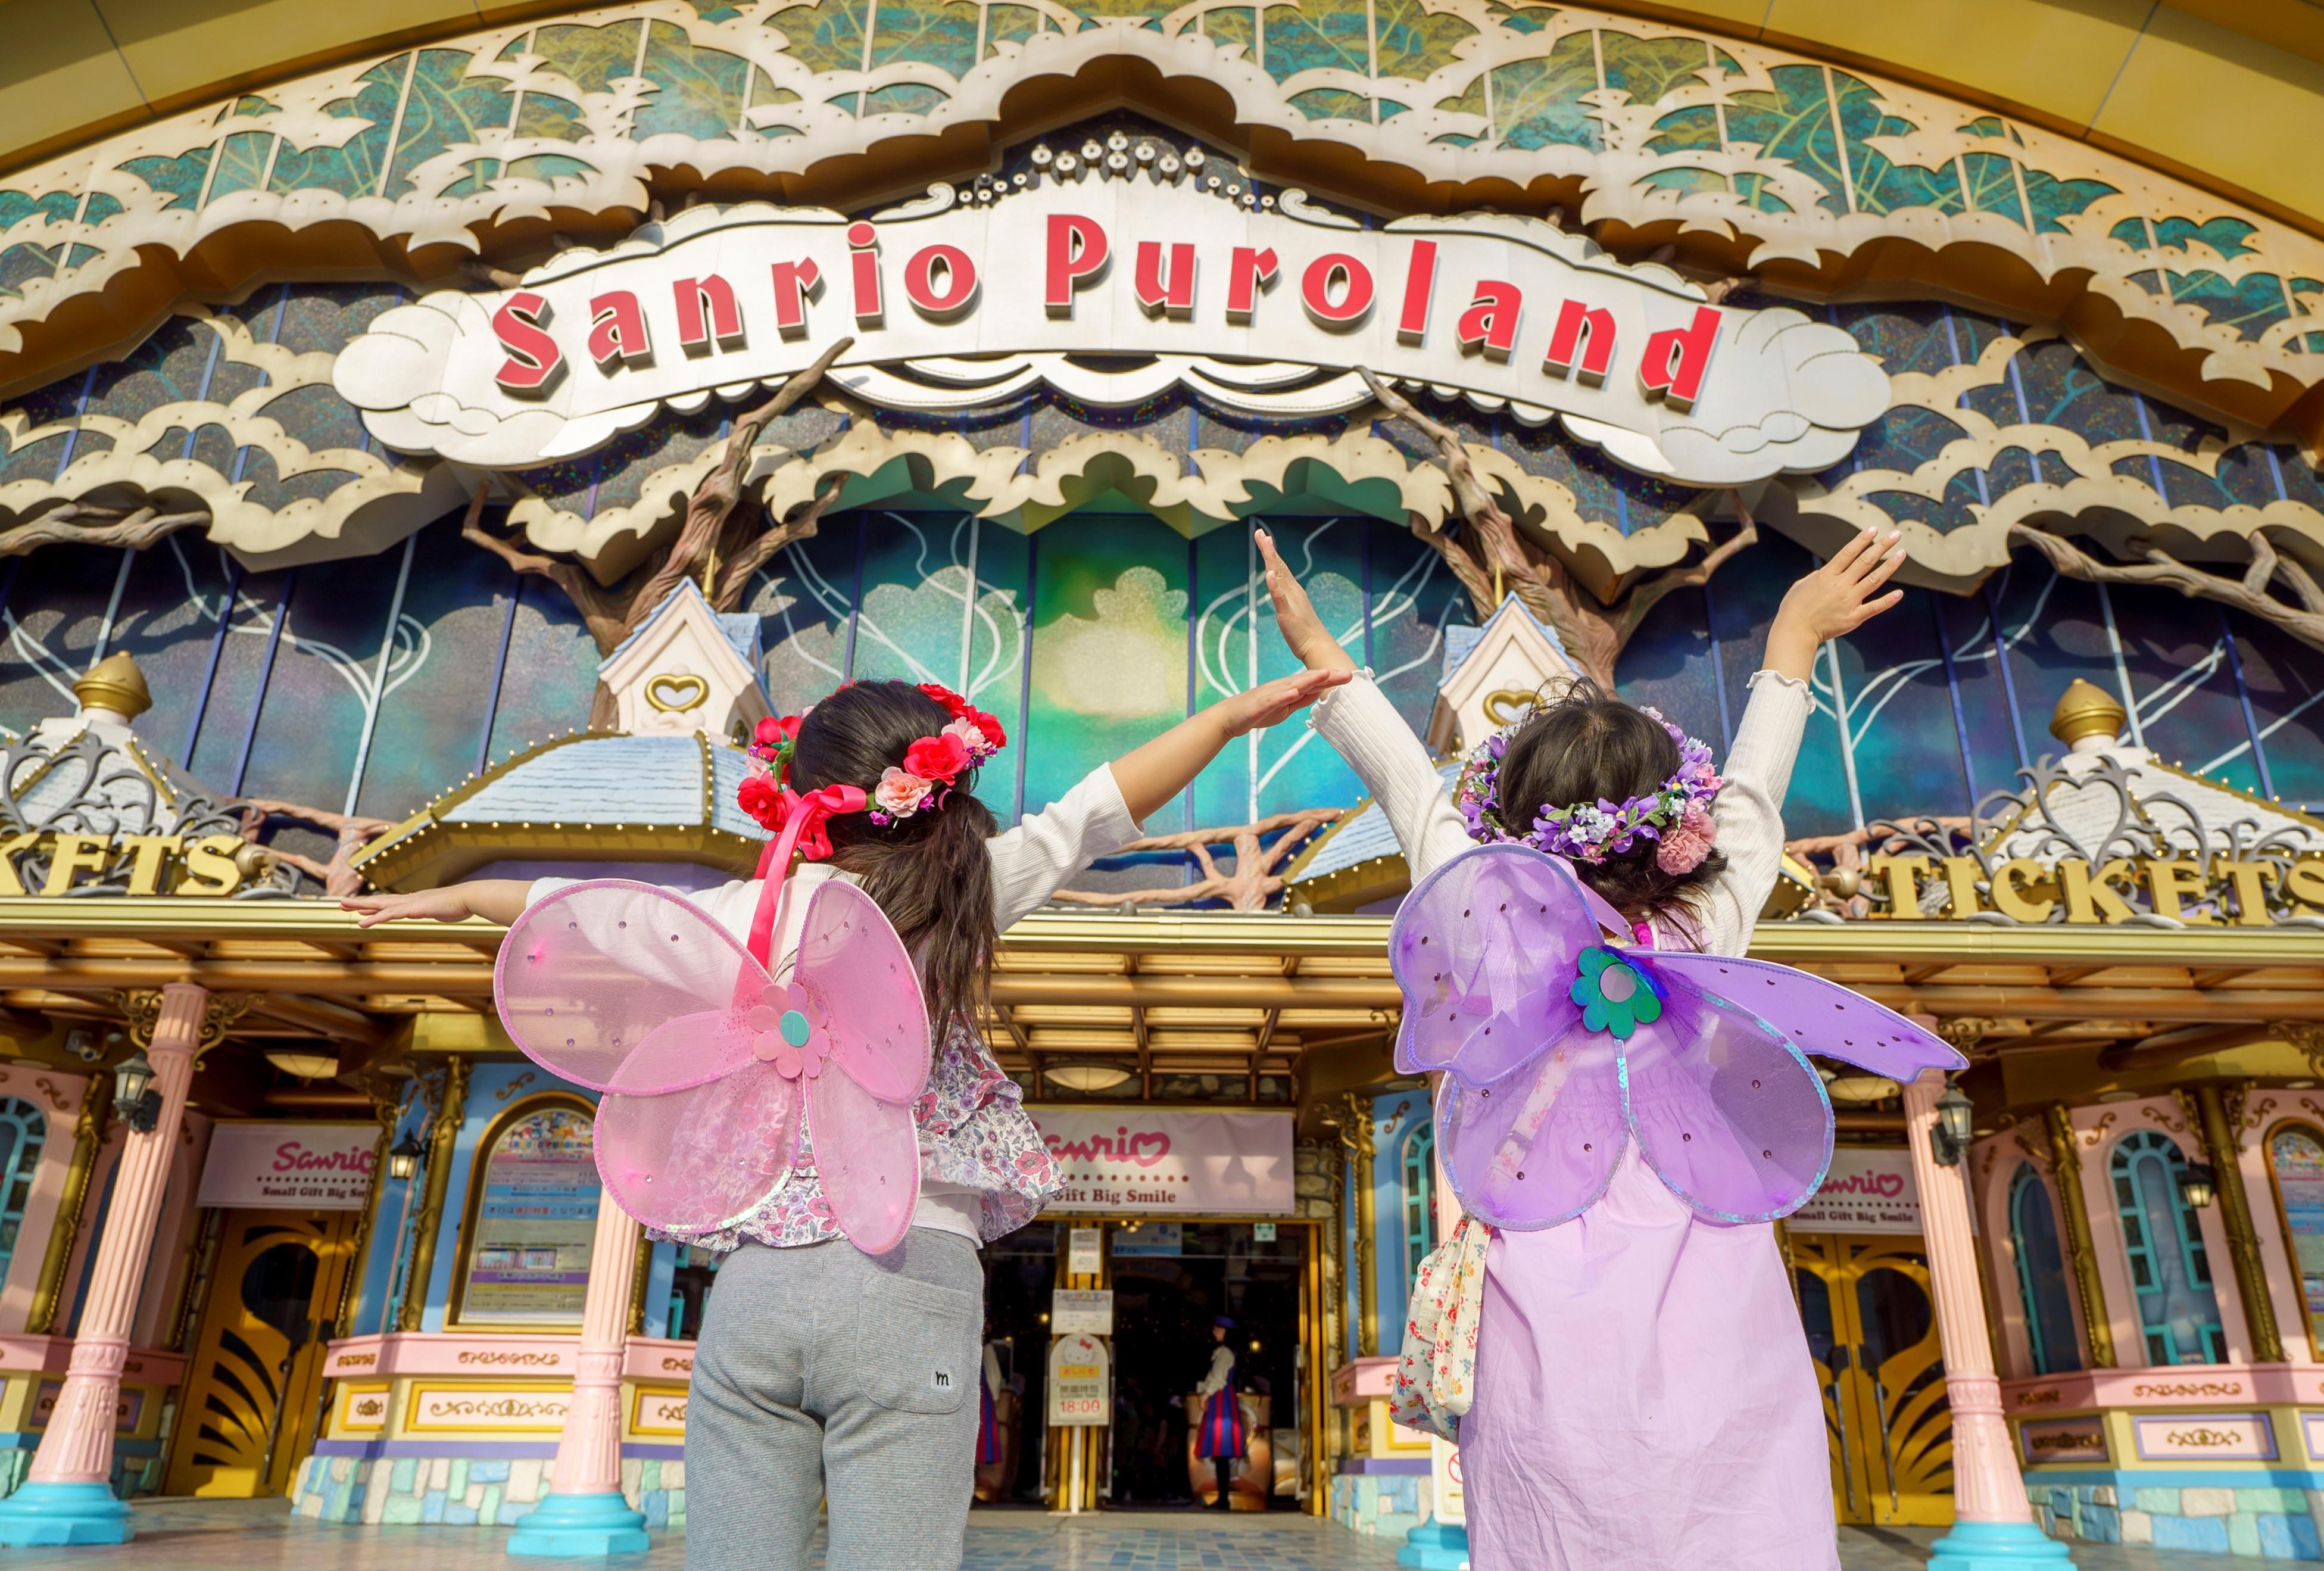 750abf5dc Sanrio Puroland: A Kawaii Hello Kitty & Friends Theme Park ...